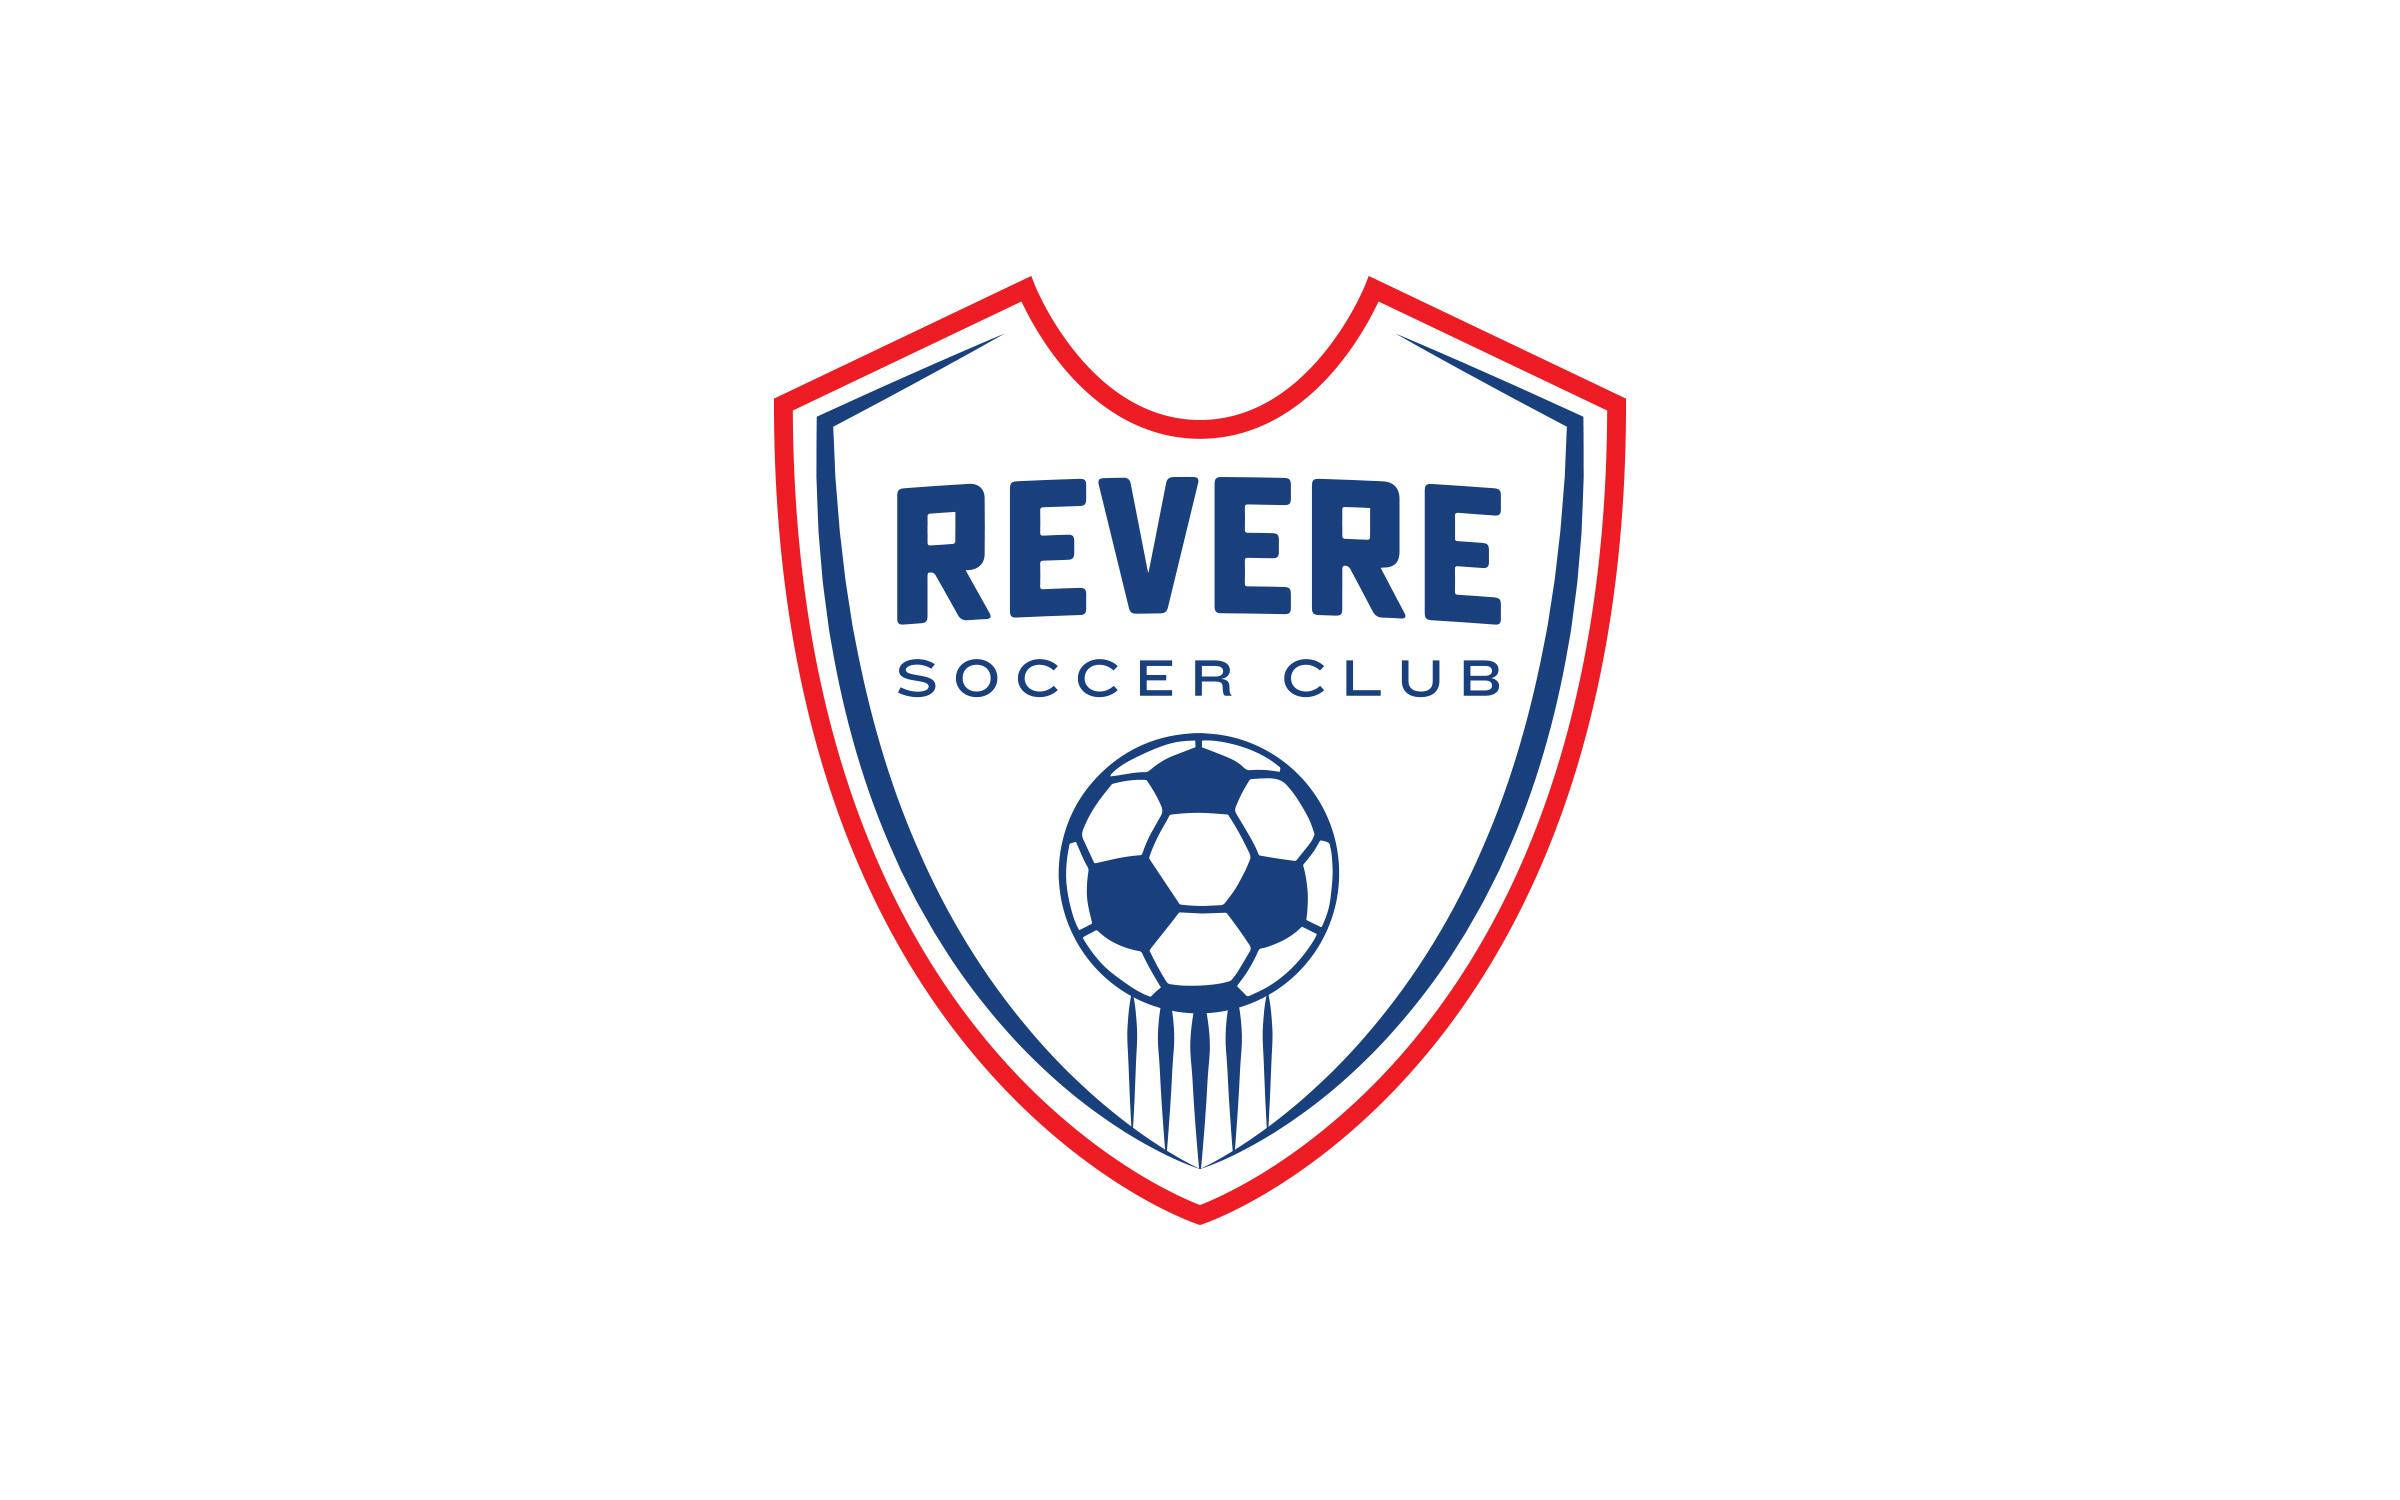 Revere Soccer Club